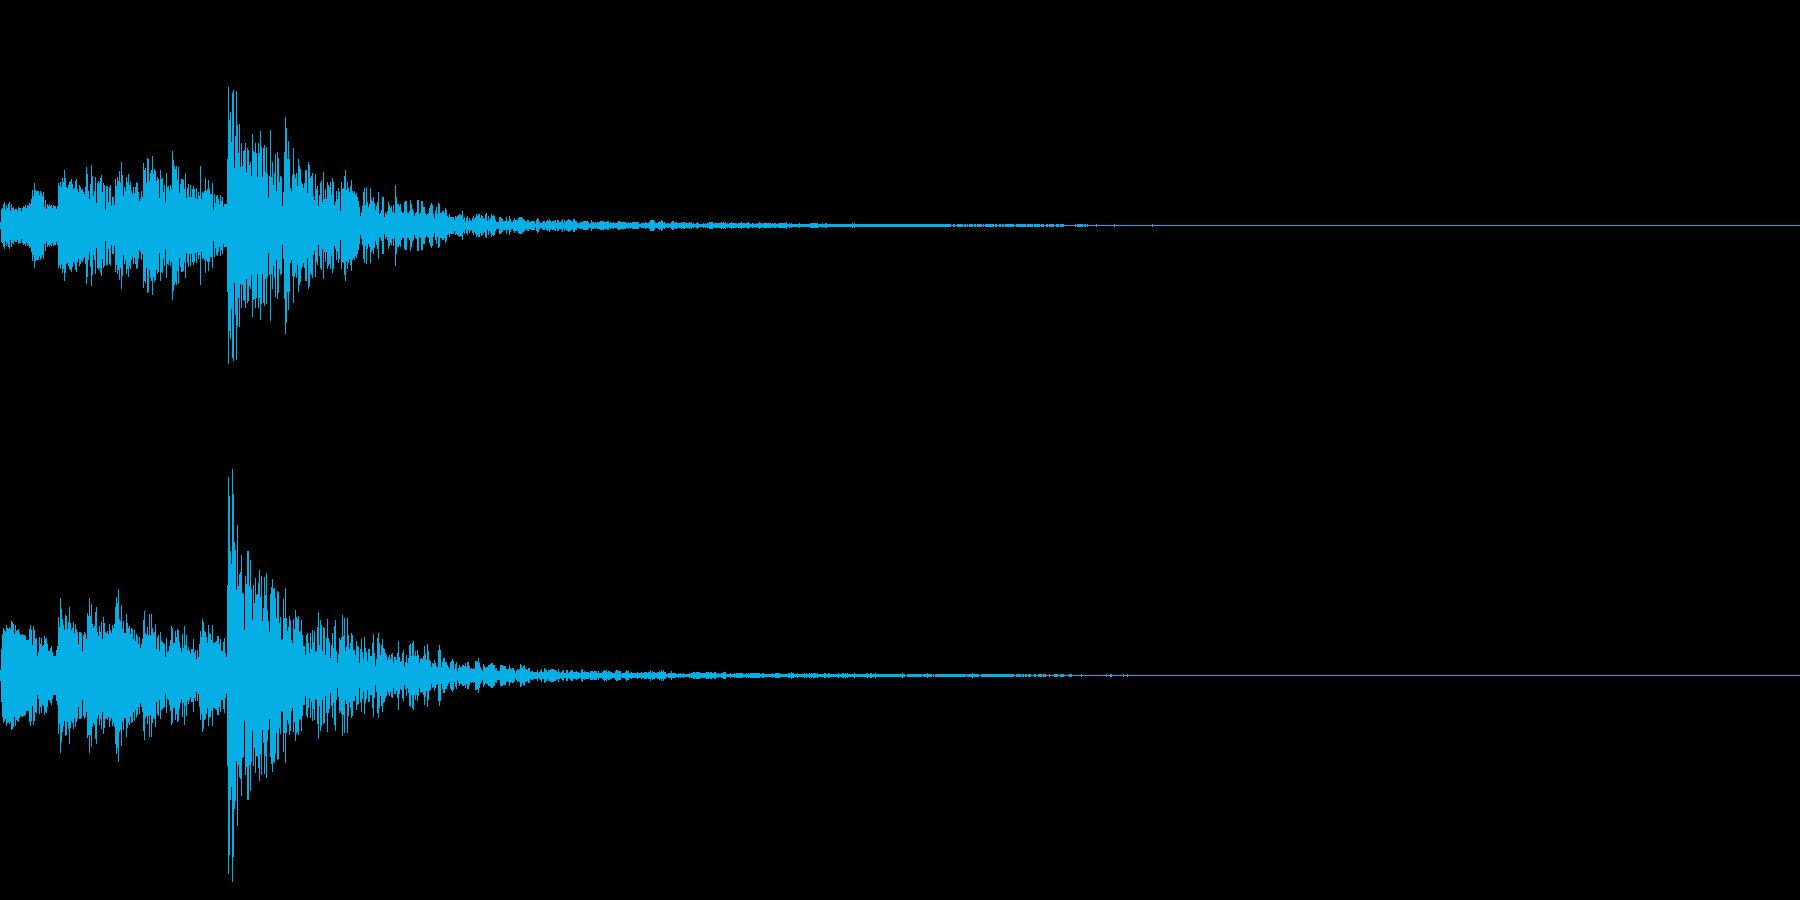 和風のピアノと太鼓 タイトル用 スタートの再生済みの波形